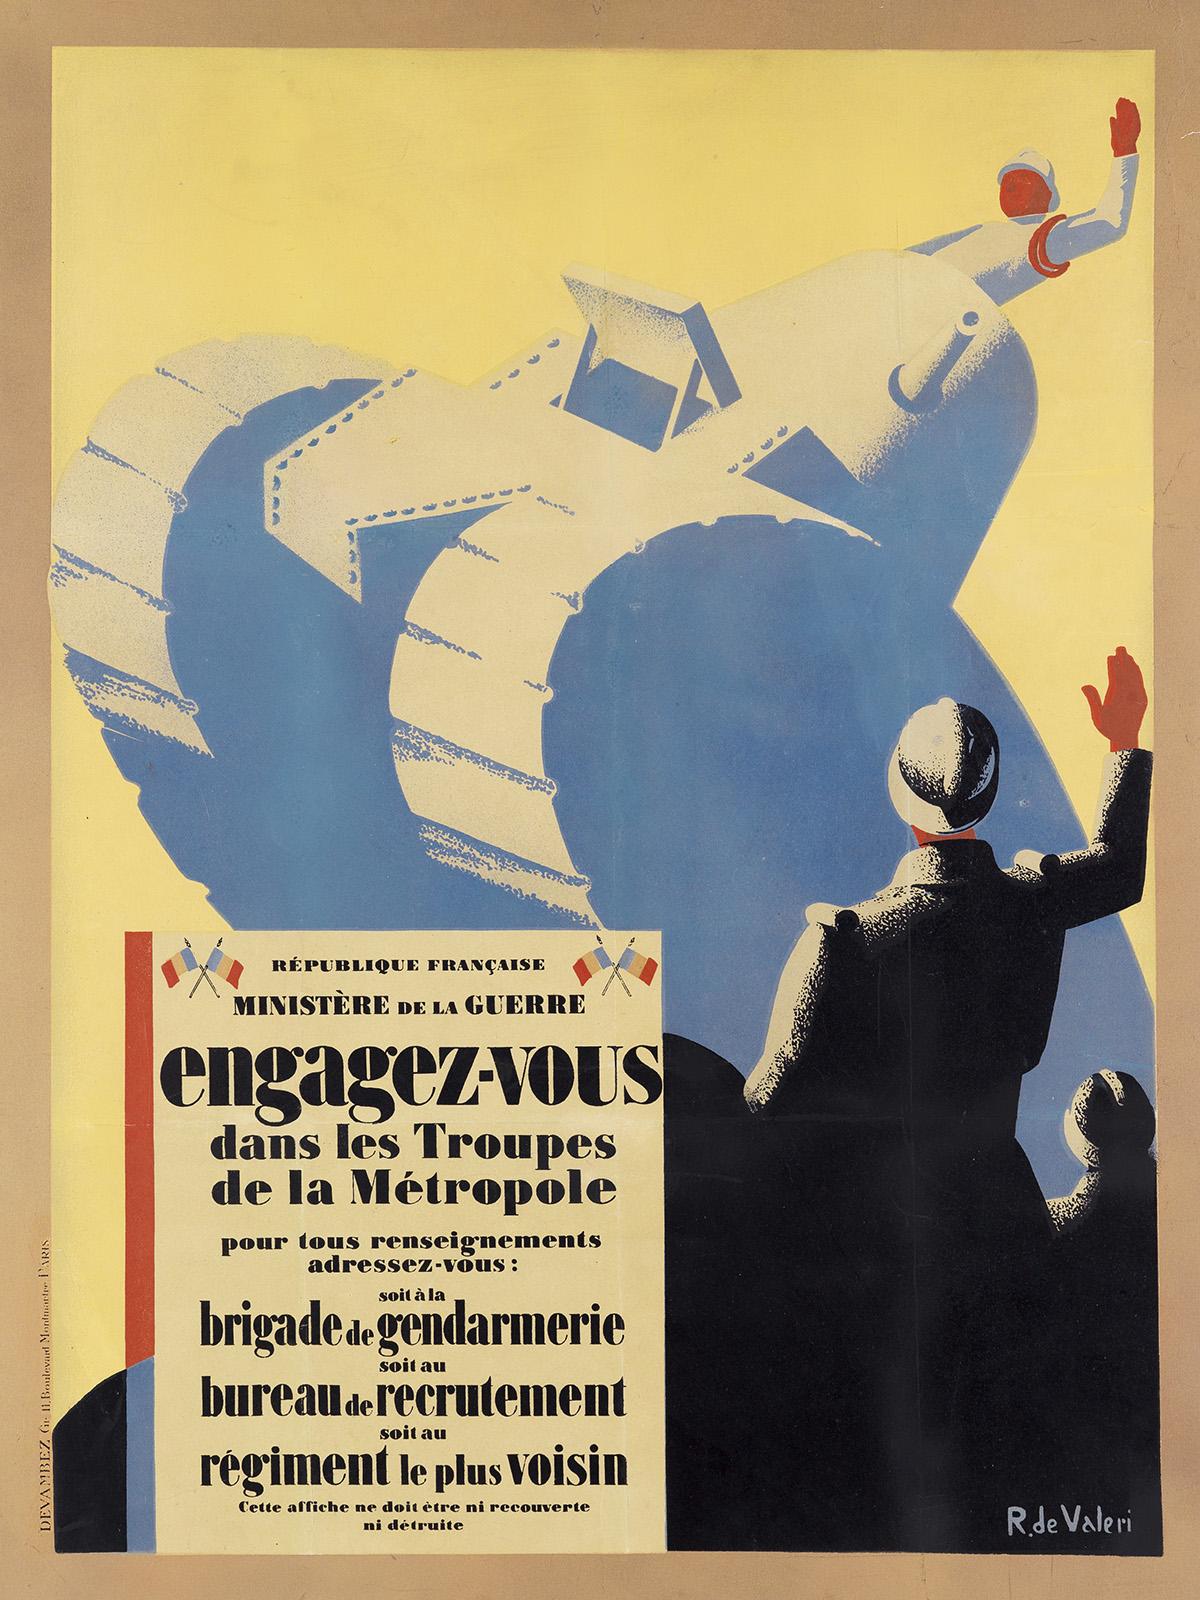 ROGER DE VALERIO (1896-1951). ENGAGEZ - VOUS DANS LES TROUPES DE LA MÉTROPOLE. 1916. 31x23 inches, 79x59 cm. Devambez, Paris.